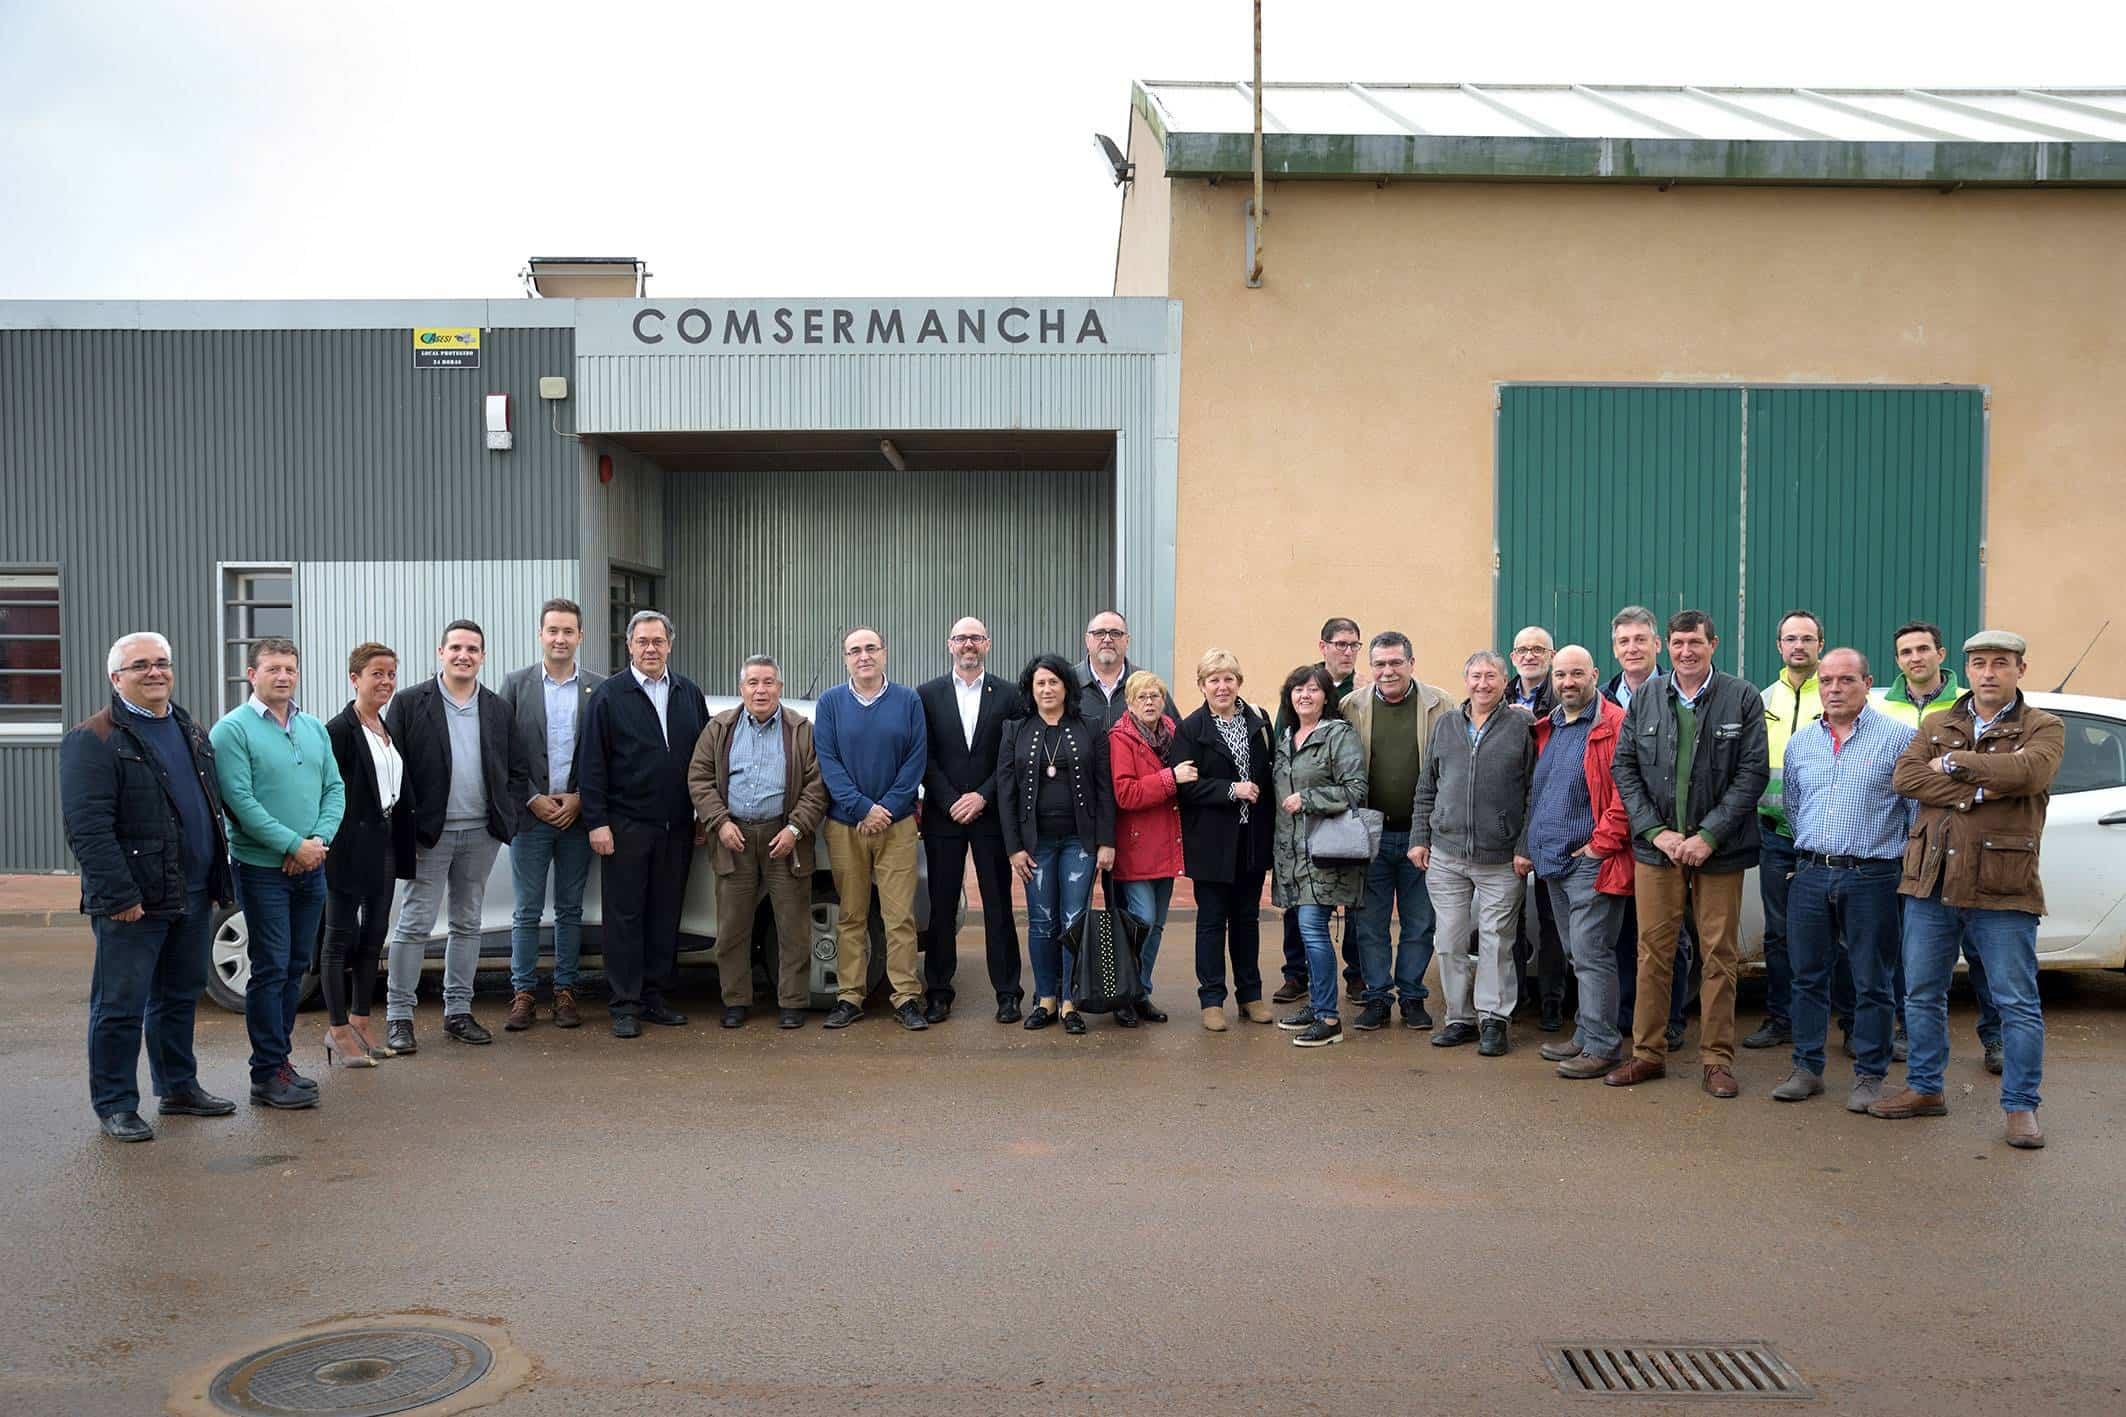 Corporacion Comsermancha Visita planta RSU006 - La Corporación de Comsermancha visita la planta de RSU y el Patronato